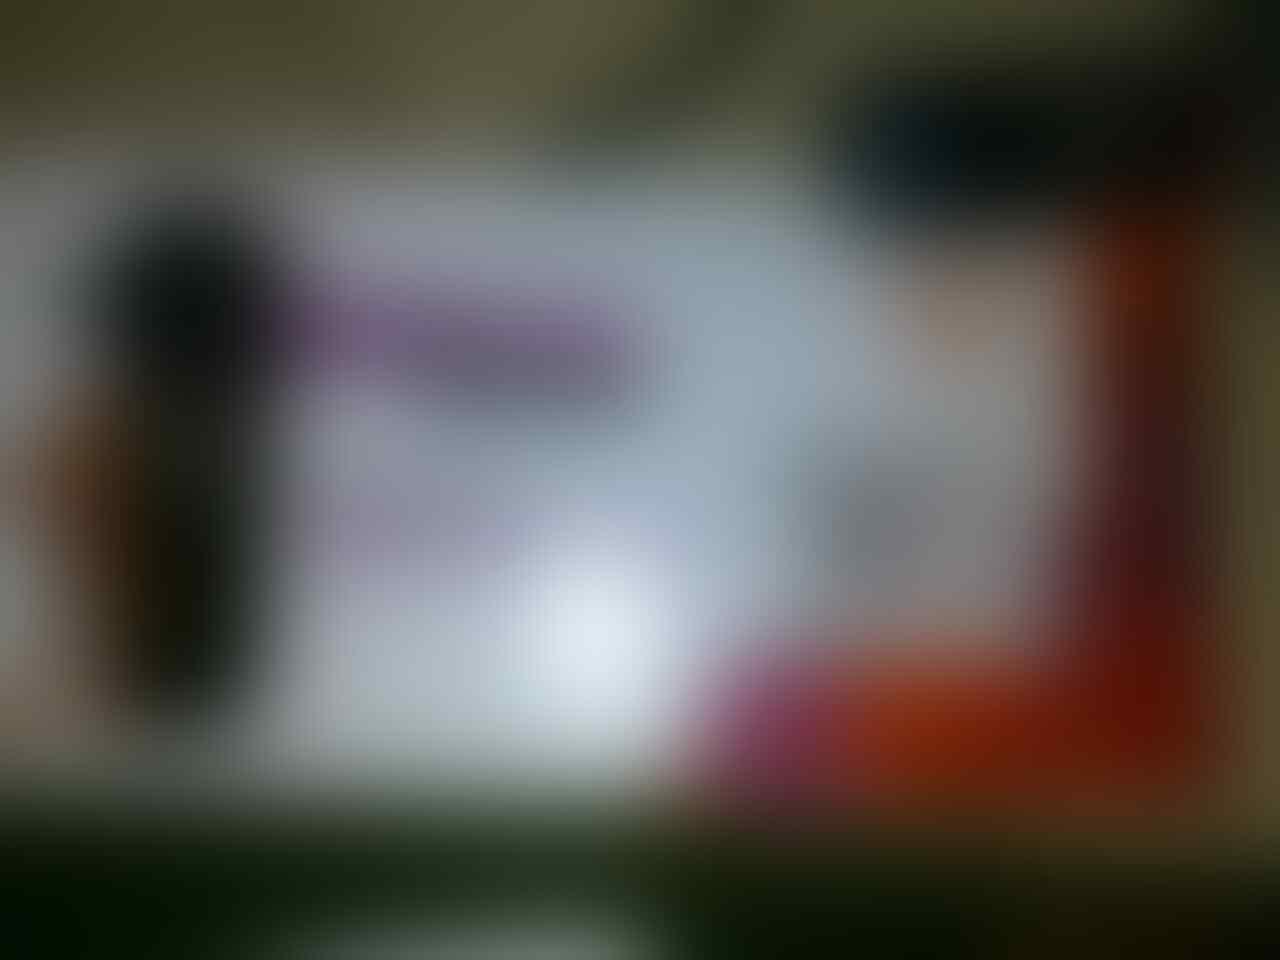 Dijual modem smartfren ec176-2 malang